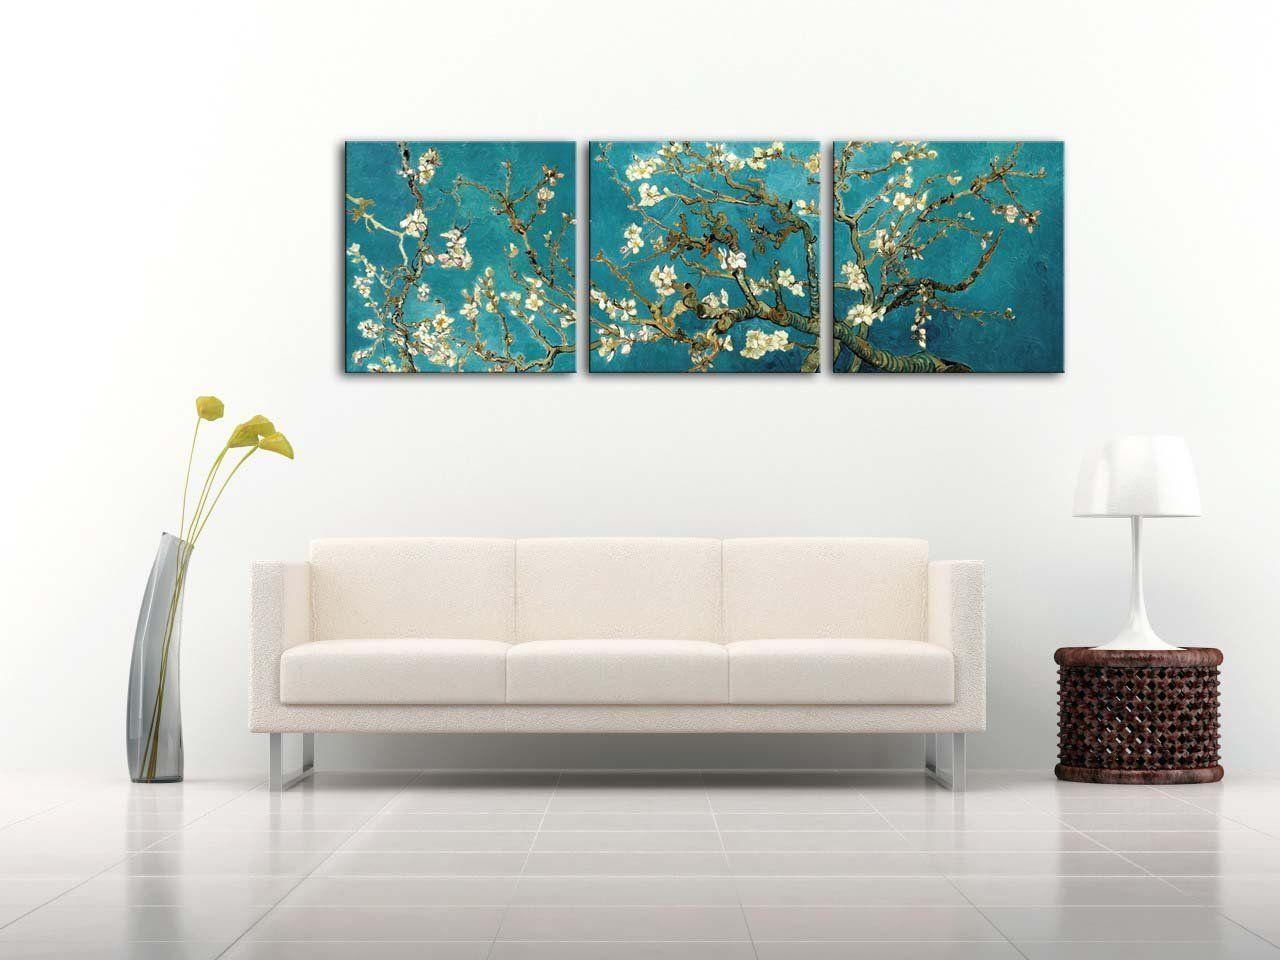 Malerei Fur Dekoration Von Haus Leinwand Malerei Van Gogh Zweige Eines Klassischen Van Gogh Motiv Mandelbaum In Der Blute 1890 Das Arts Glas 3 Teili Haus Deko